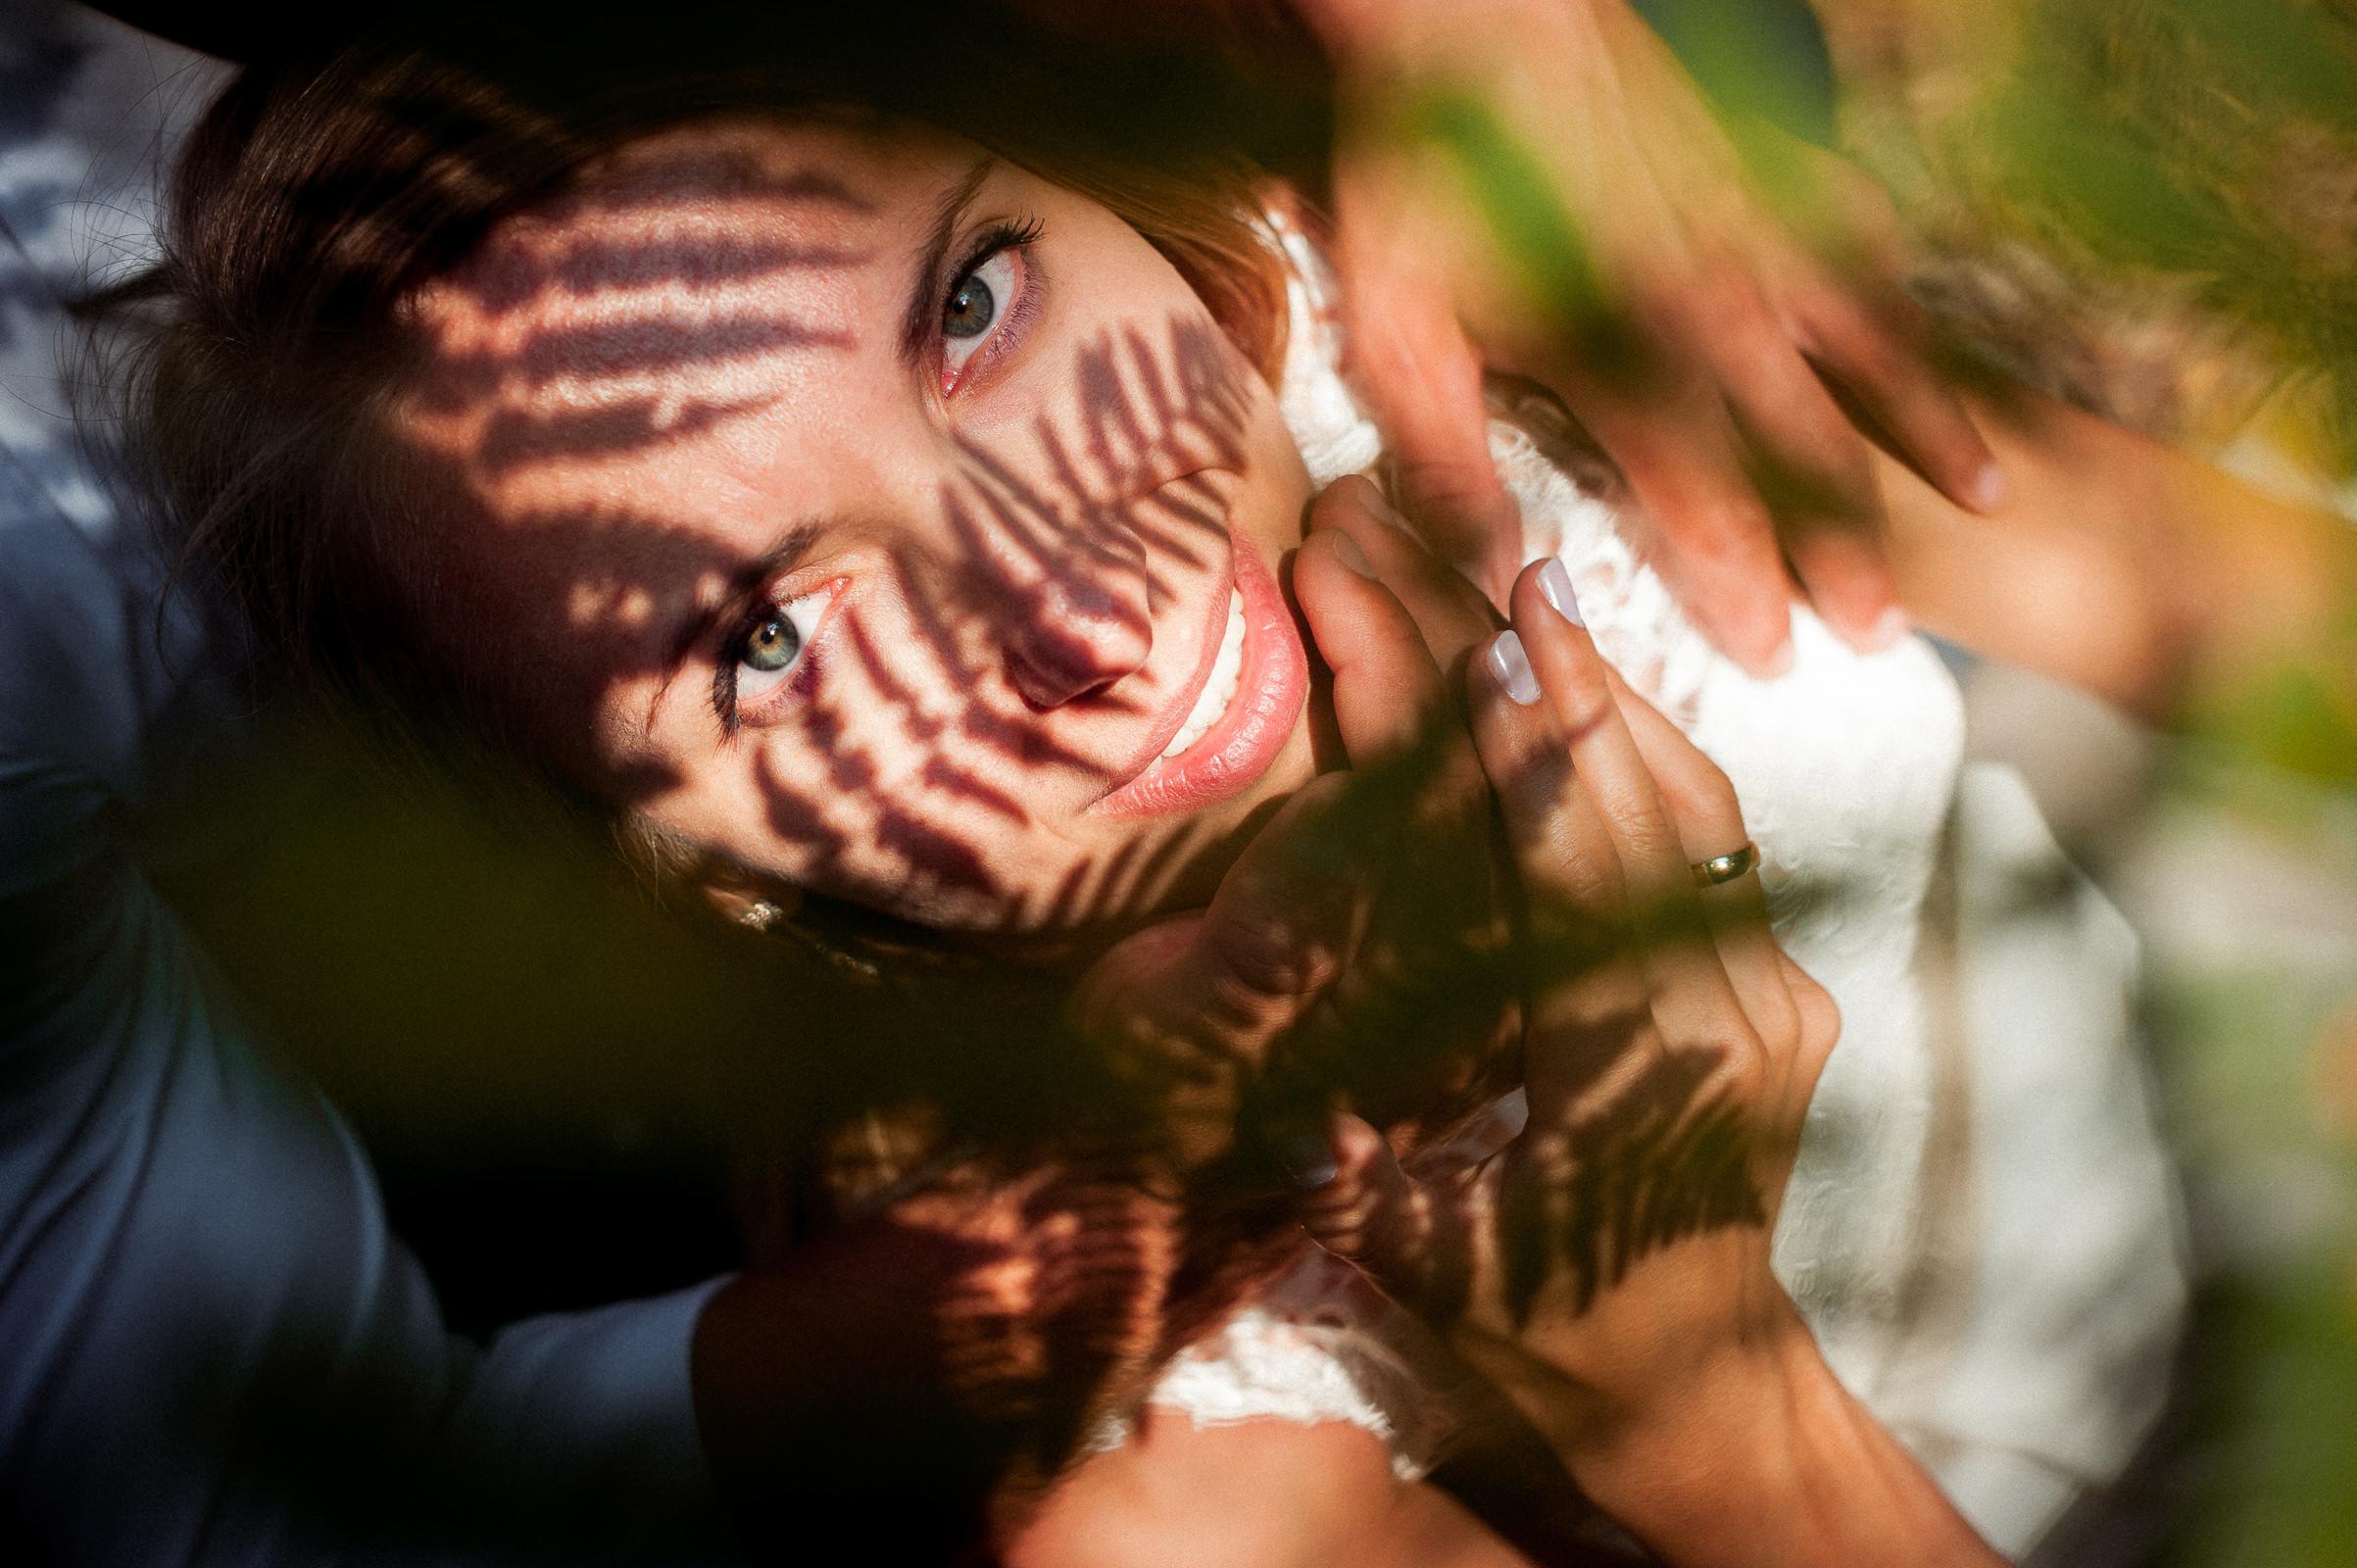 gra swiateł i cieni na twarzy panny młodej - portret w trakcie sesji slubnej